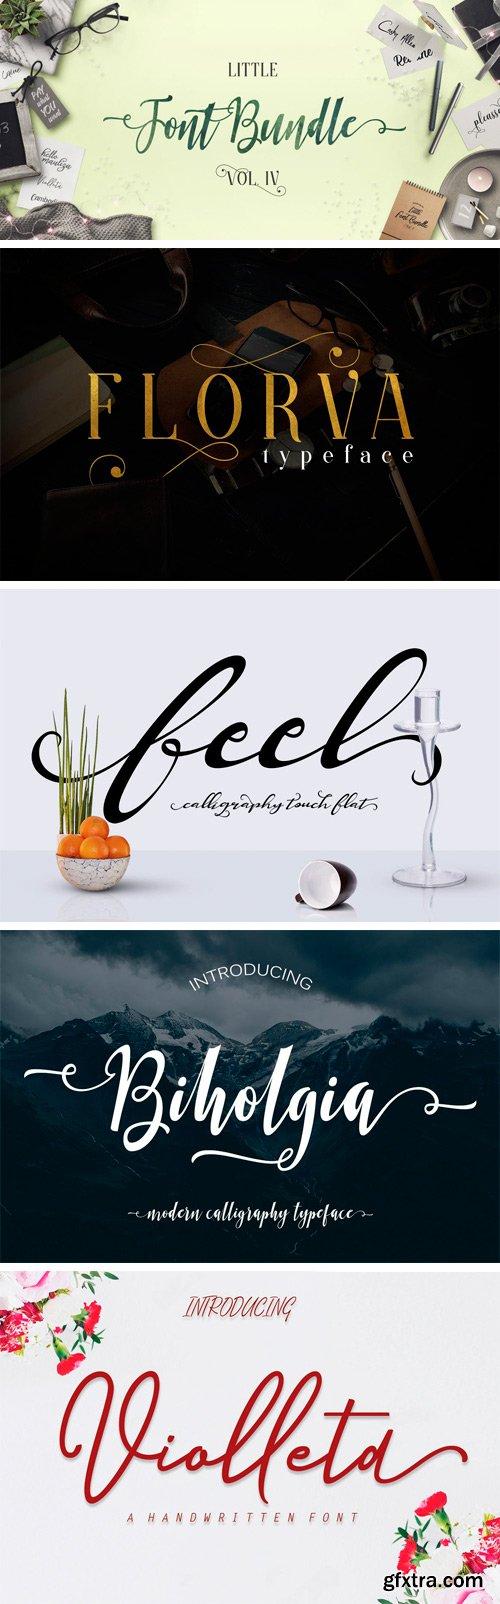 Fontbundles - The Little Font Bundle Volume IV